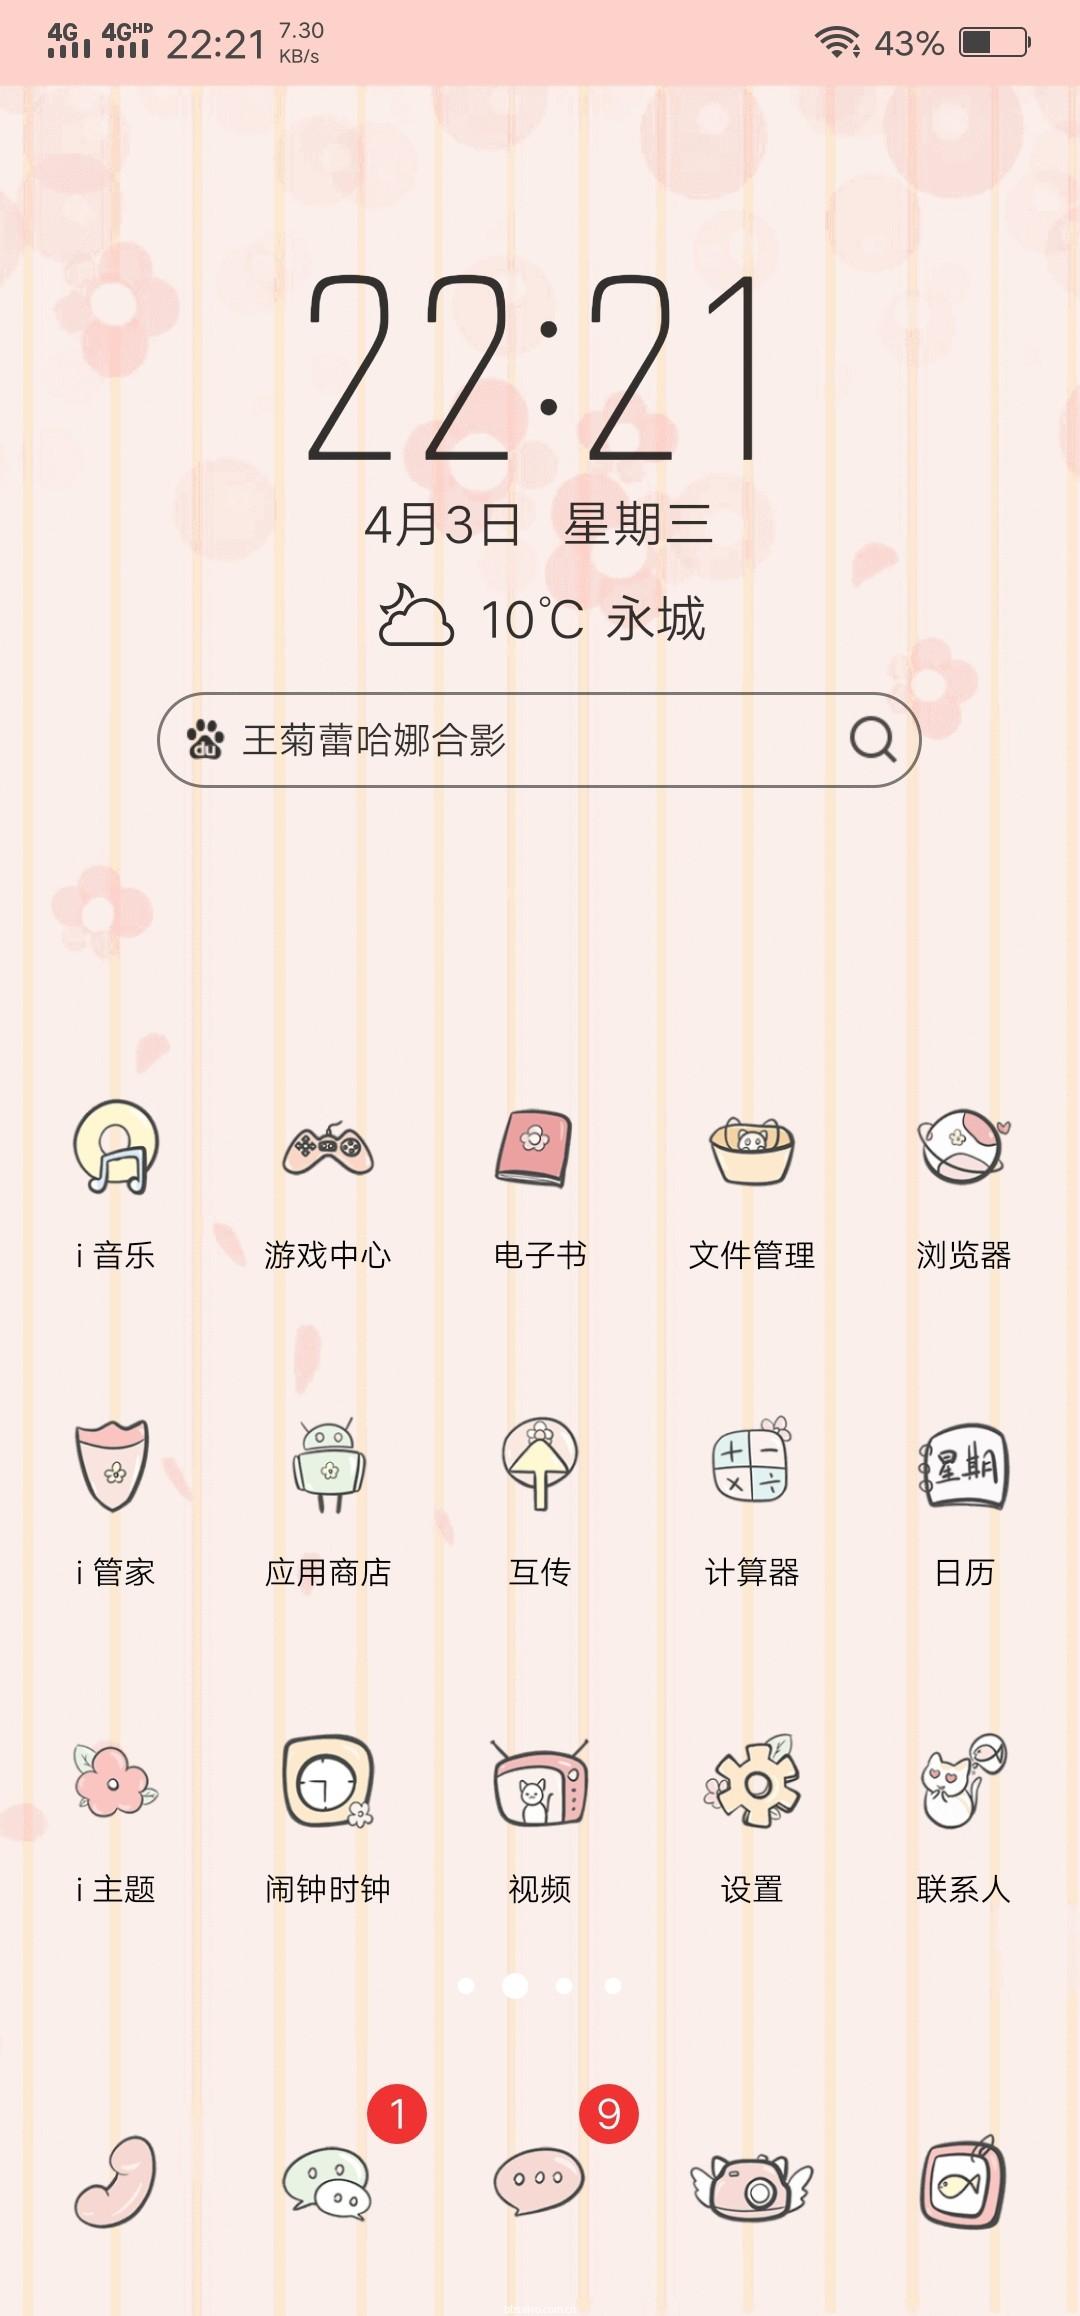 Screenshot_20190403_222117.jpg